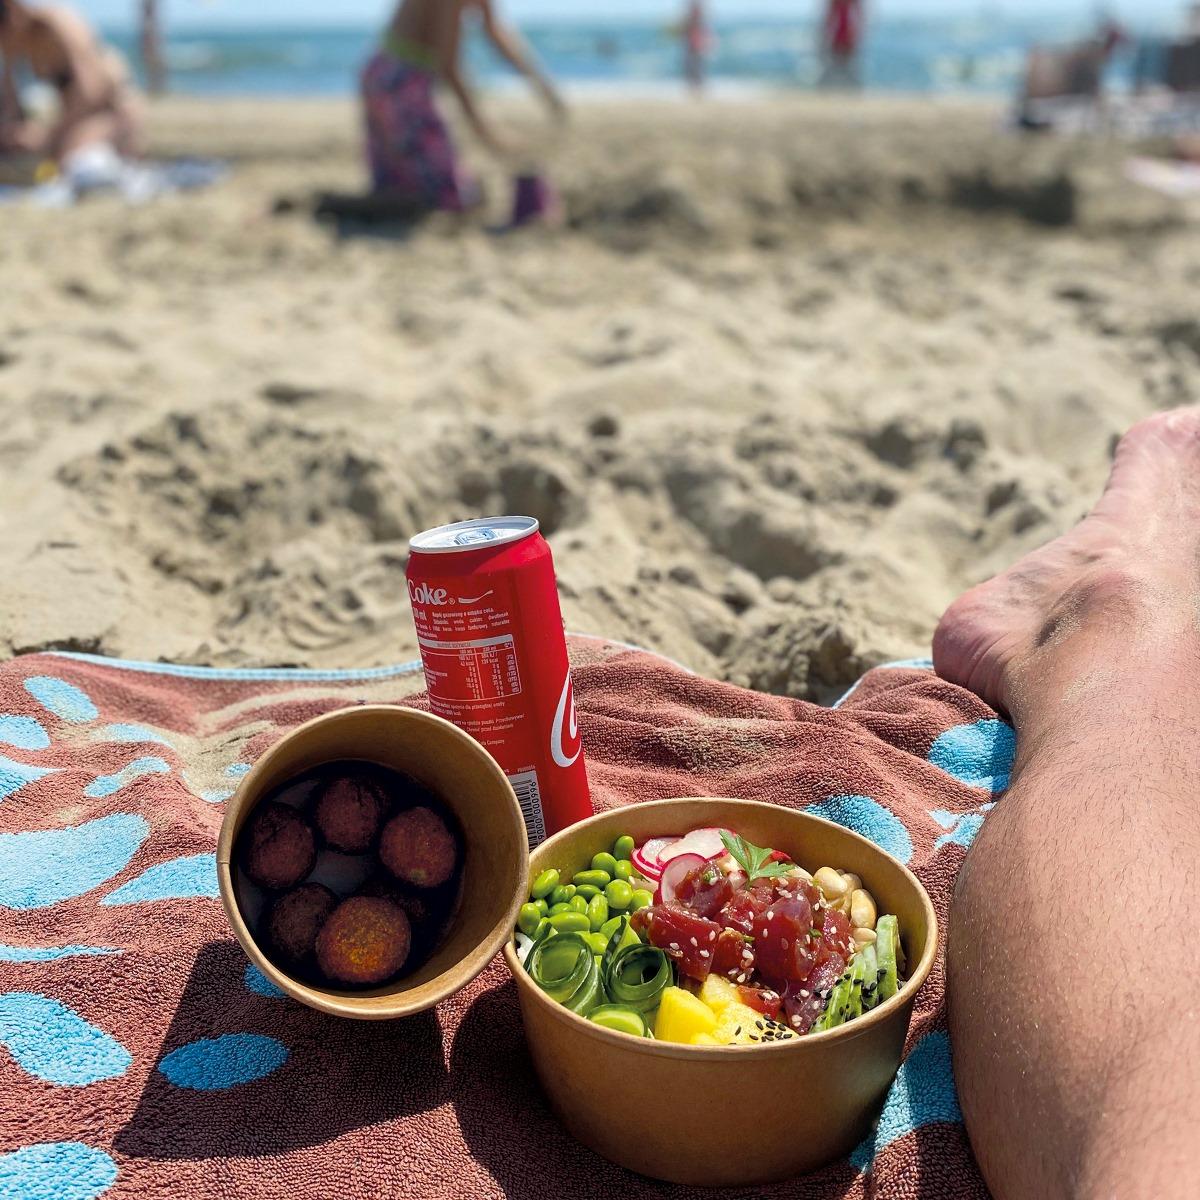 L'appli ChouChou va venir faciliter vos repas sur les plages de l'Hérault et du Gard : elle permet de se faire livrer en un clic sur sa serviette !